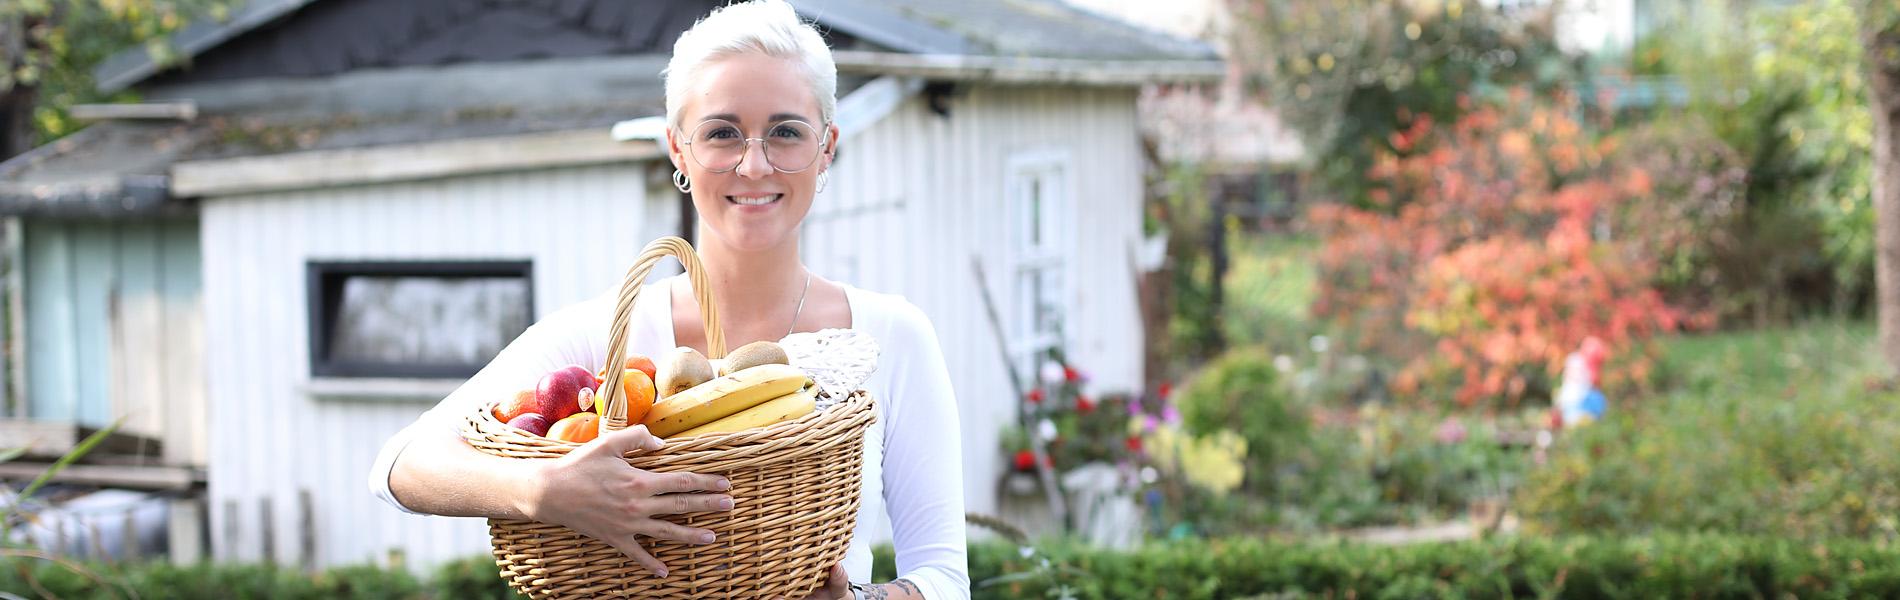 Einkaufsservice - schnell, kompetent und sympathisch, Lea von Senifix Haushaltshilfe für Senioren aus Chemnitz.